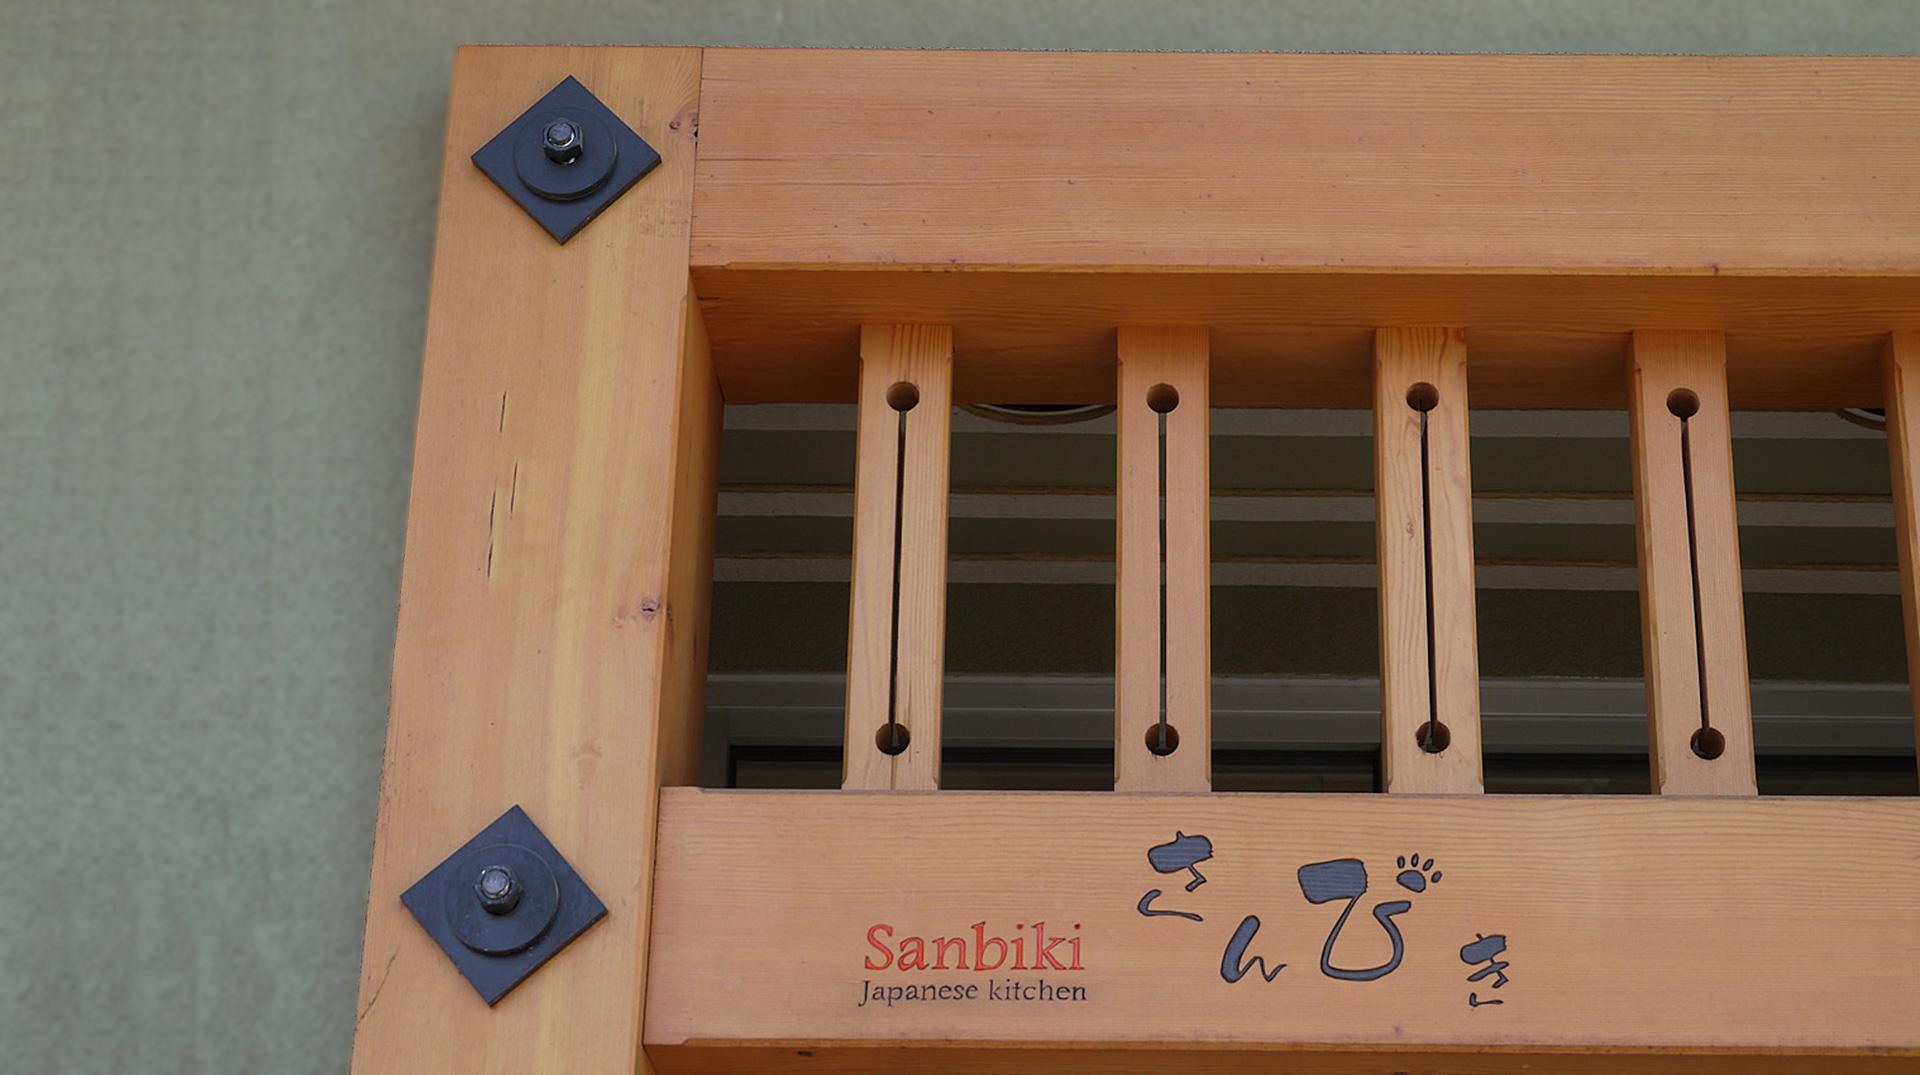 Welcome to Sanbiki